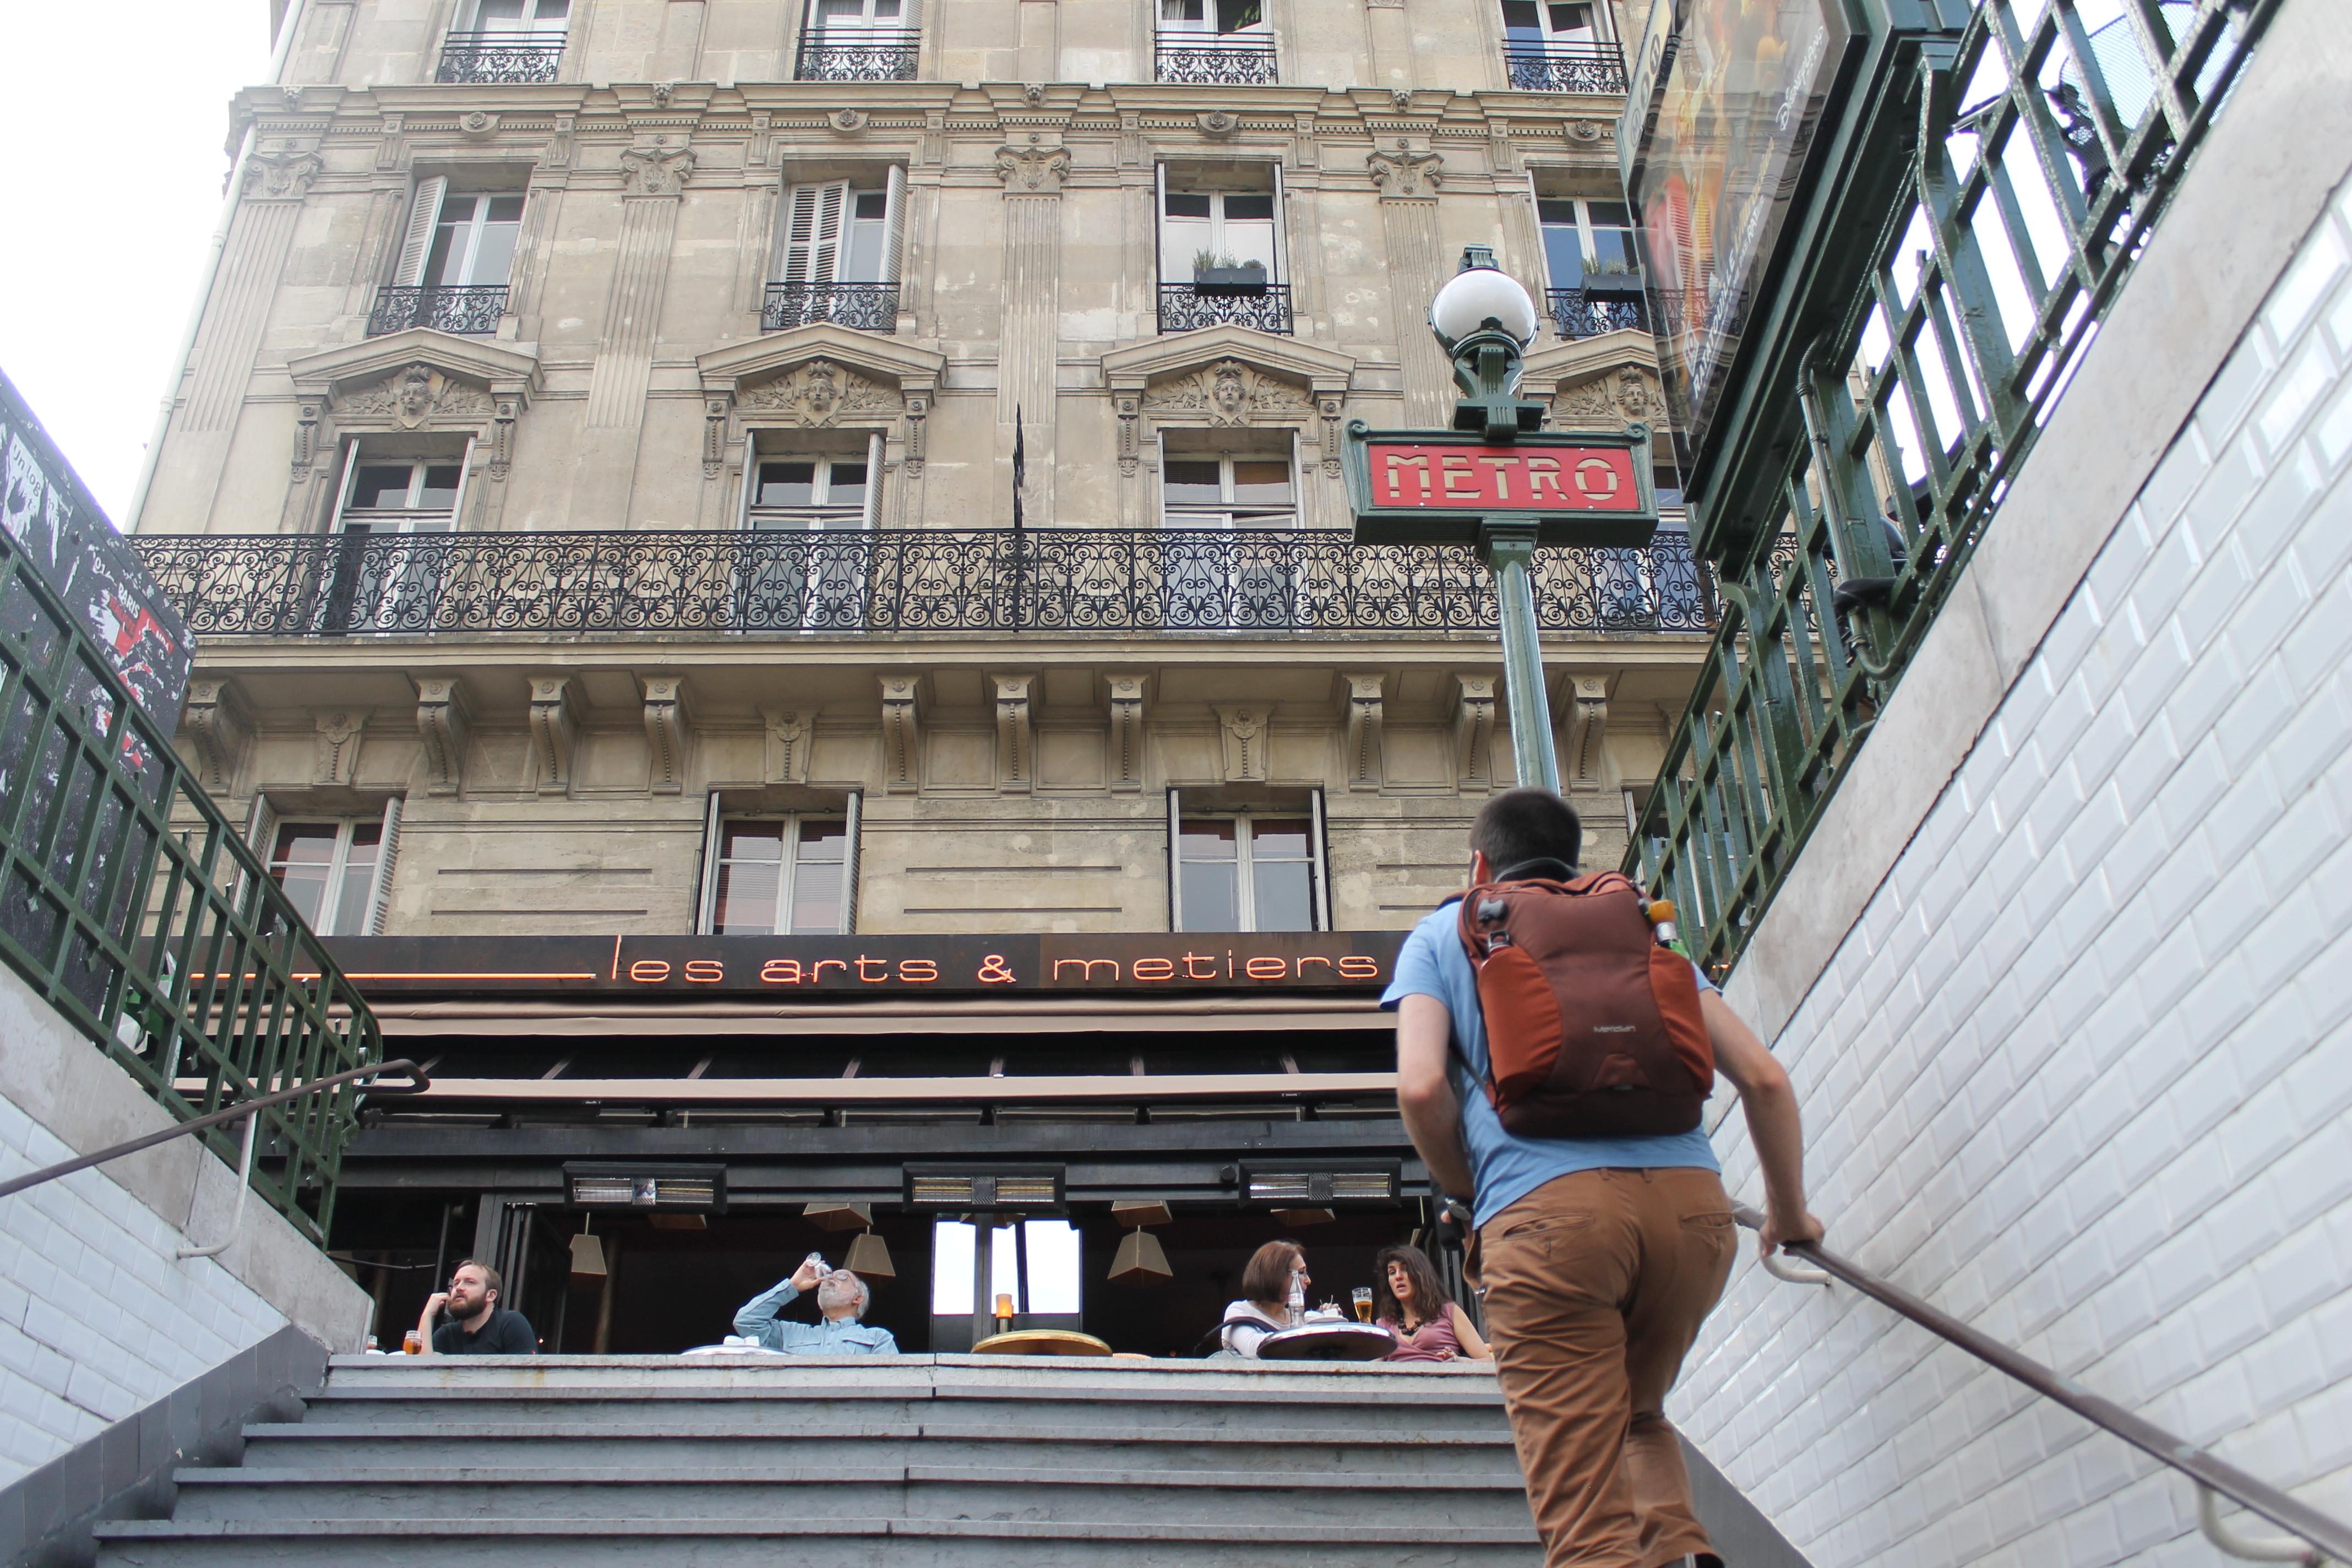 Caf Ef Bf Bd Des Arts Et M Ef Bf Bdtiers Rue De Turbigo Paris